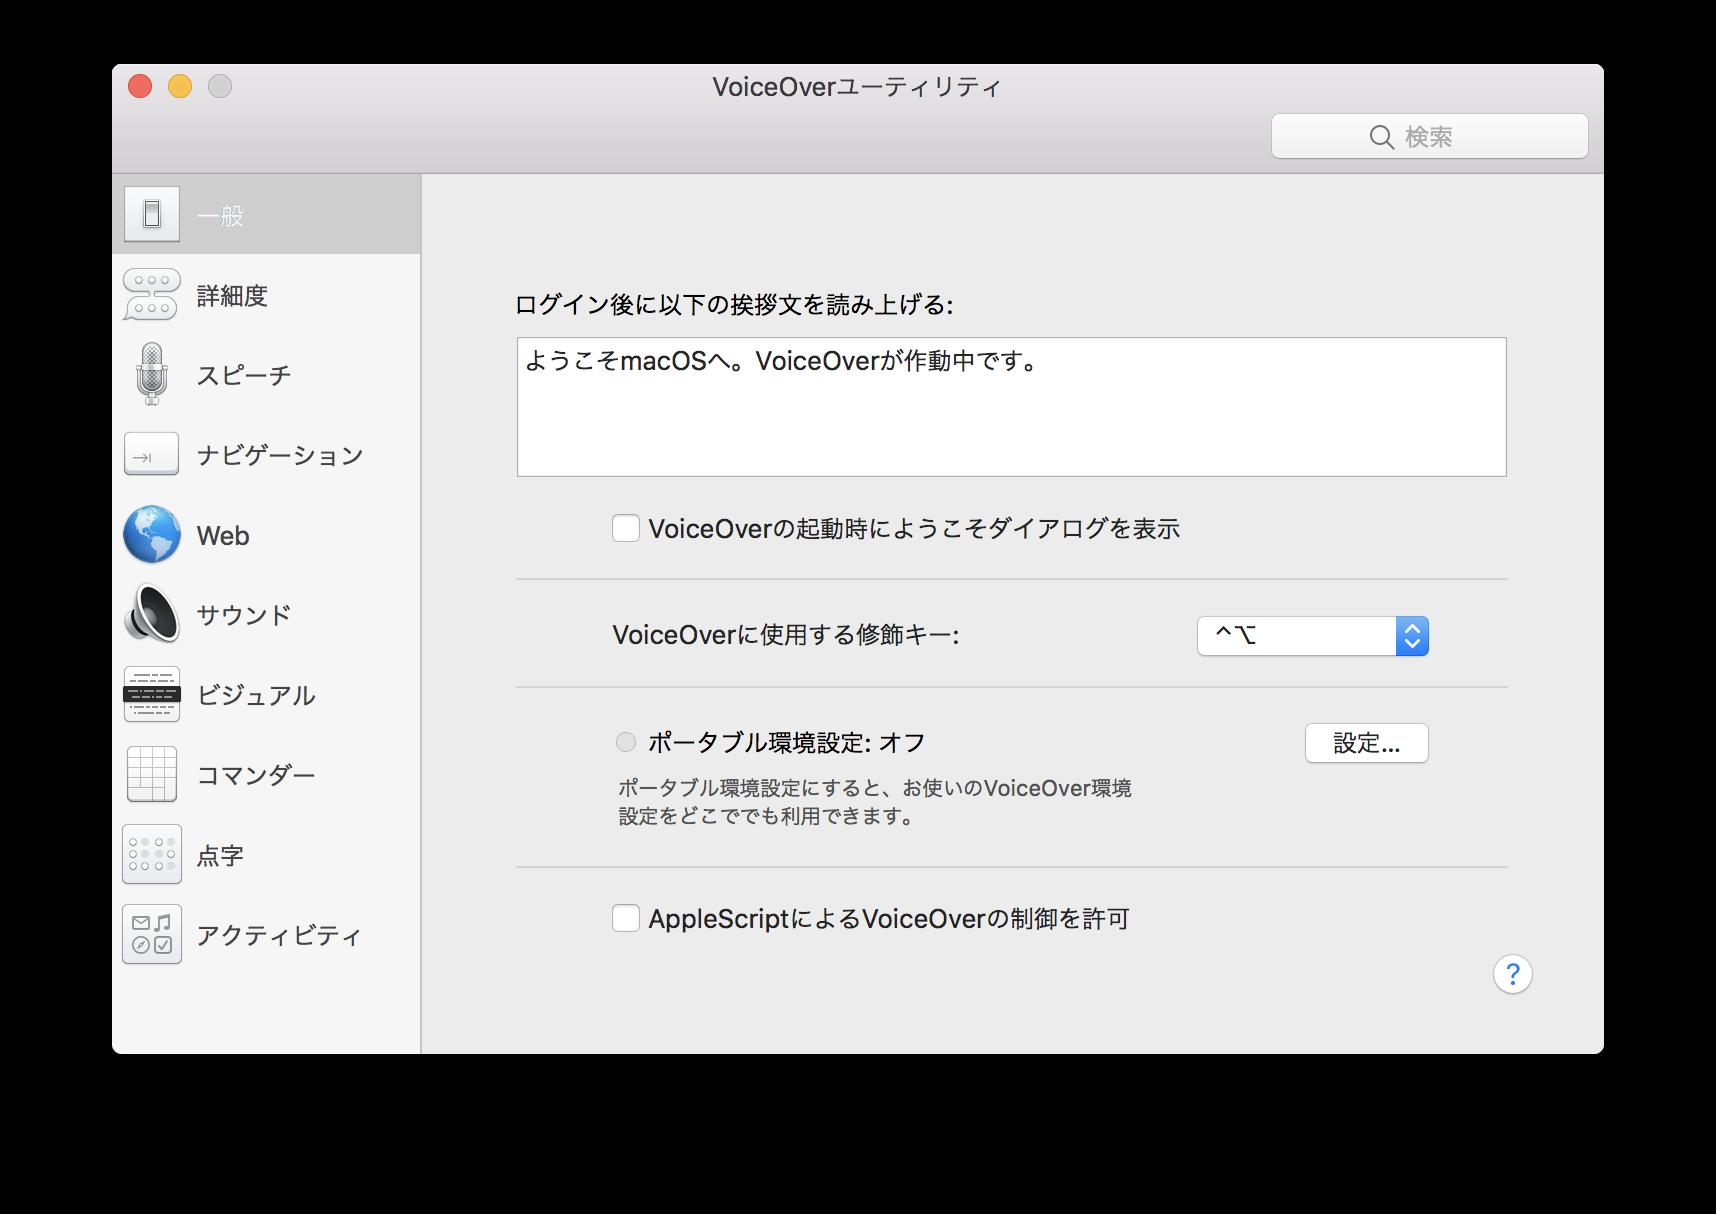 VoiceOverユーティリティのスクリーンショット